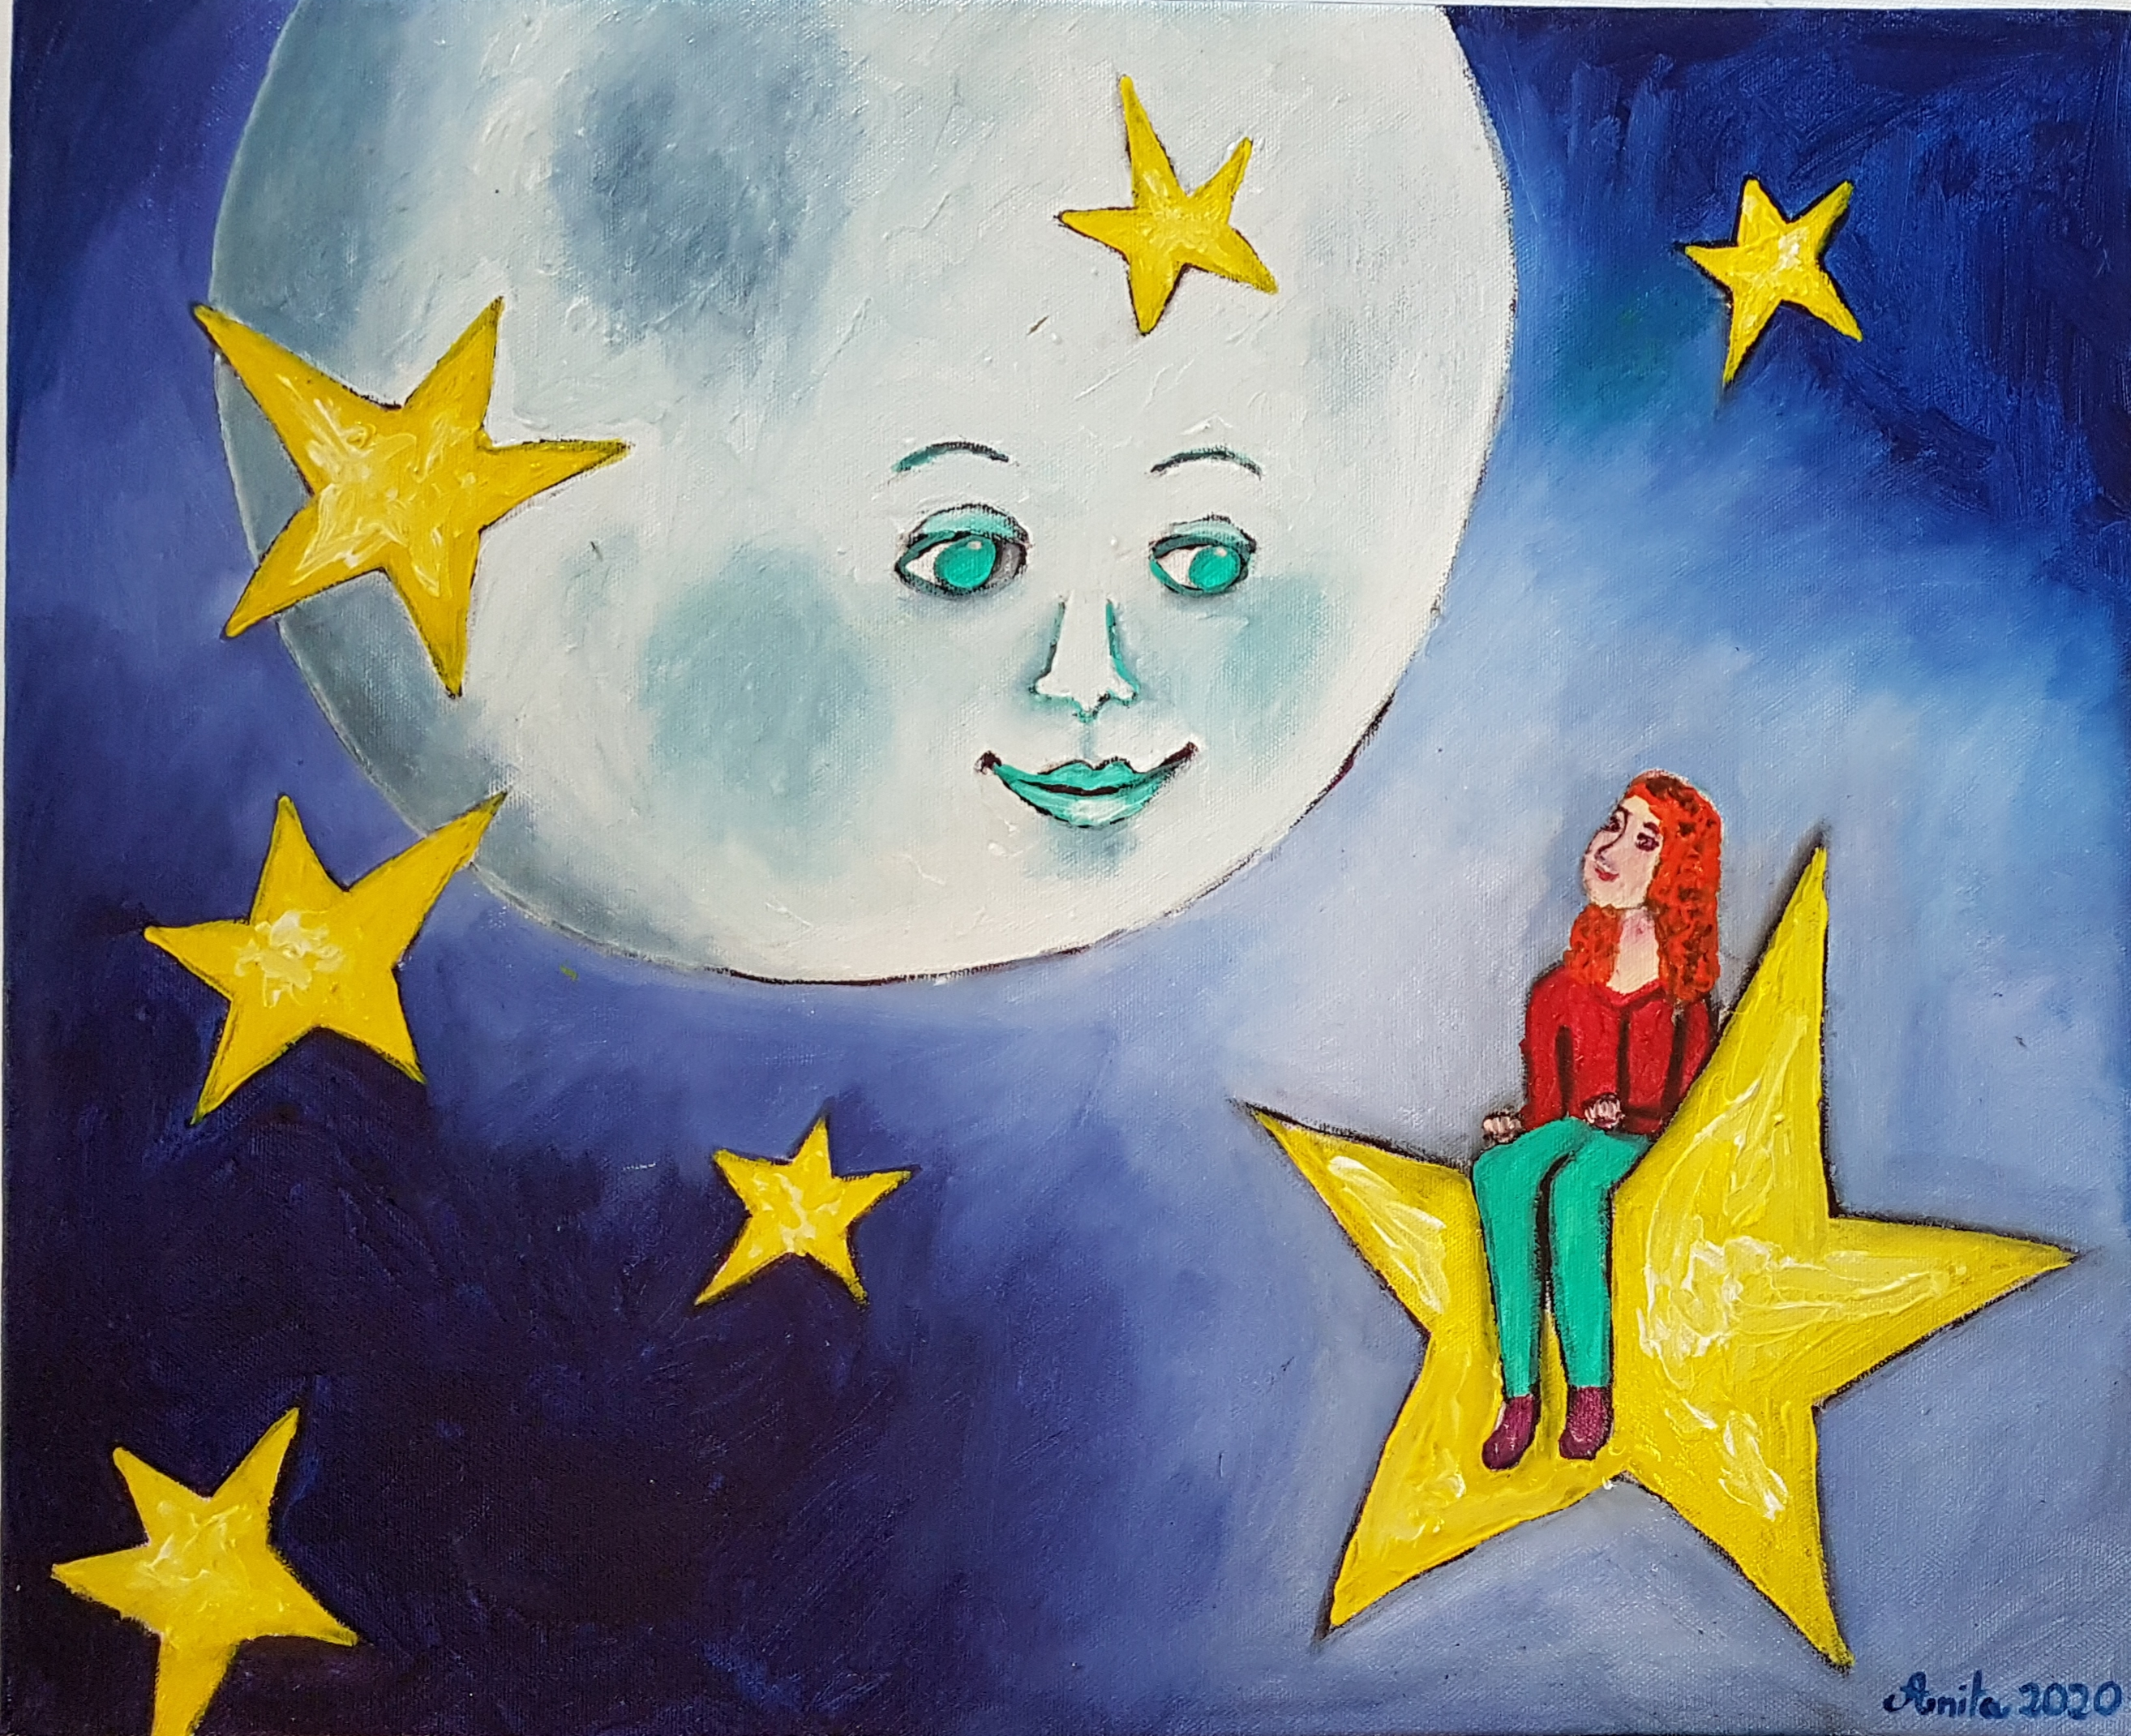 Parmi_les_étoiles